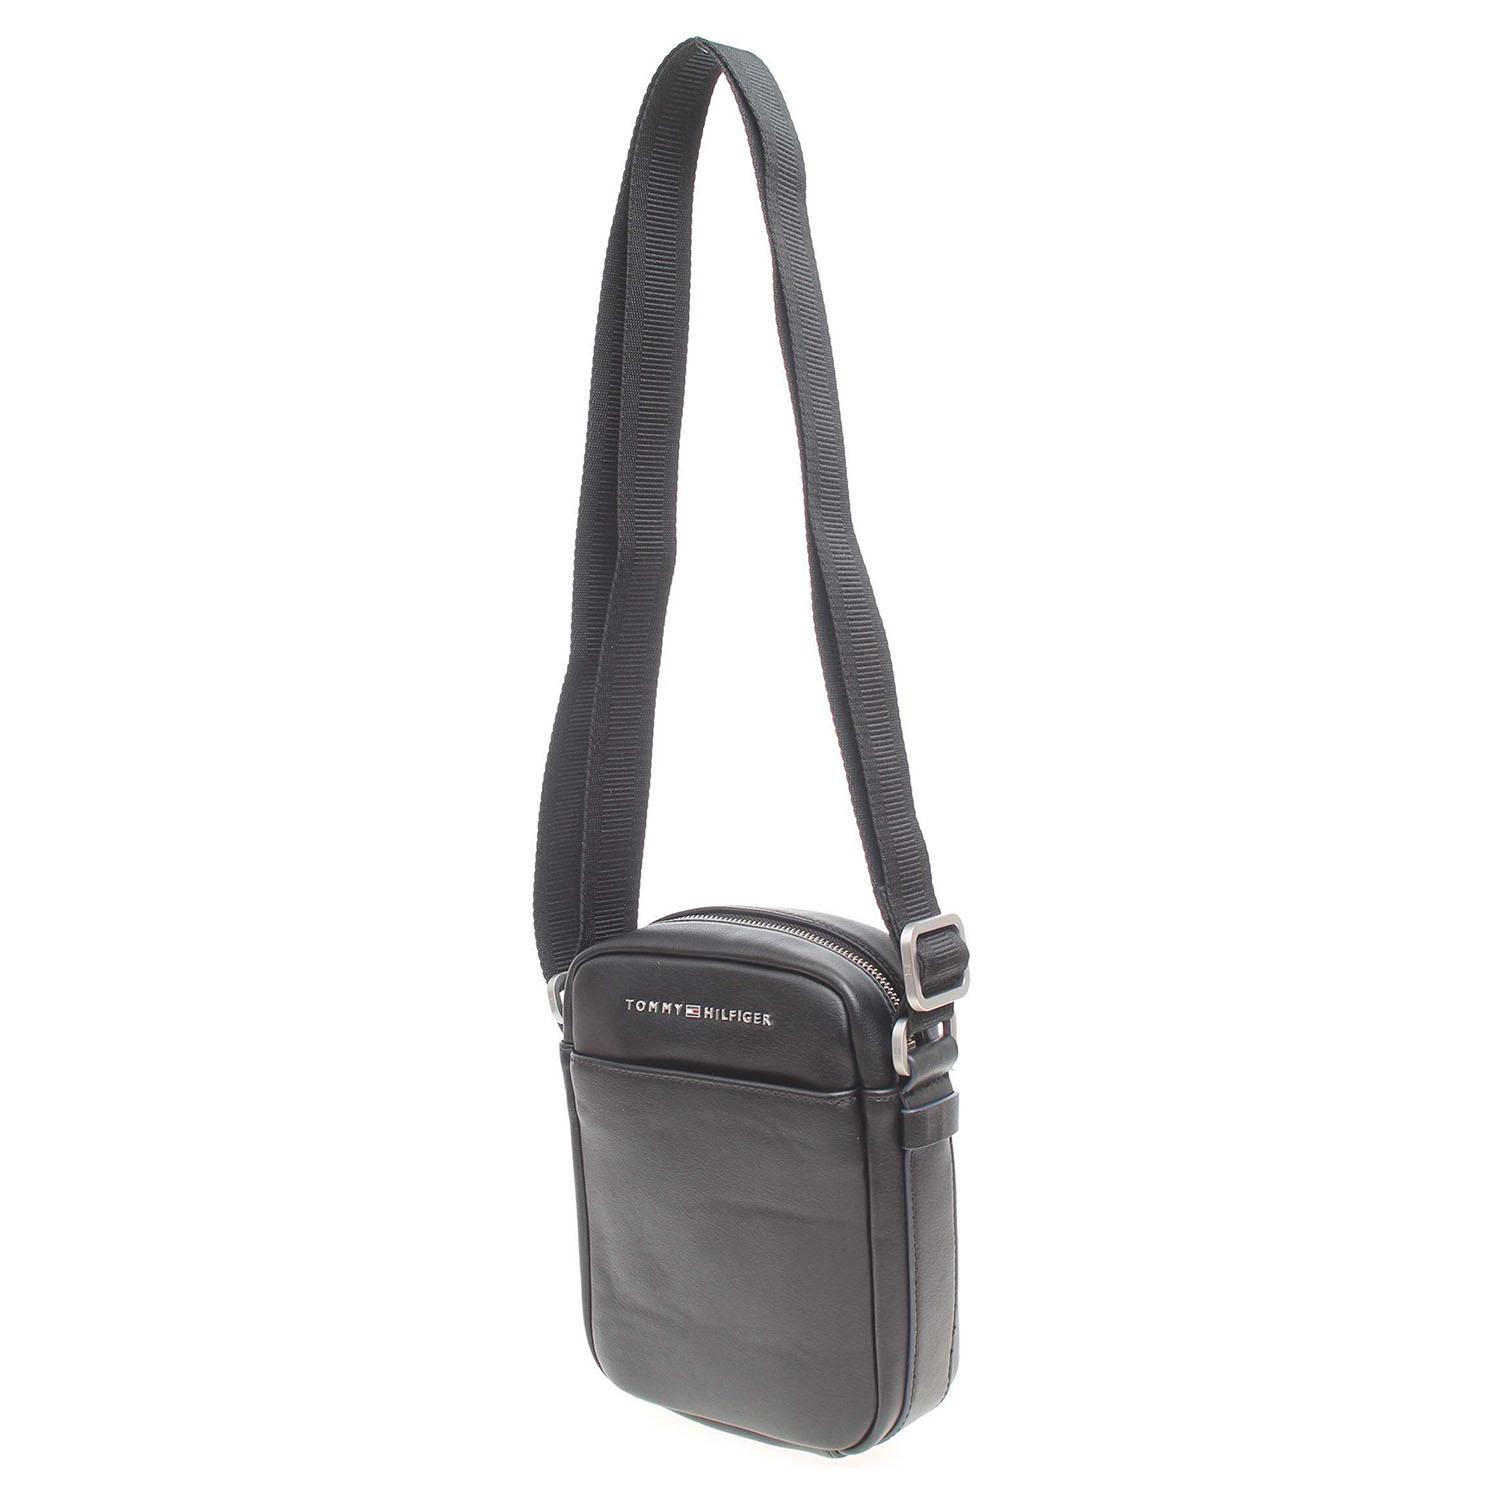 Ecco Tommy Hilfiger pánská taška AM0AM01941 černá 10701177